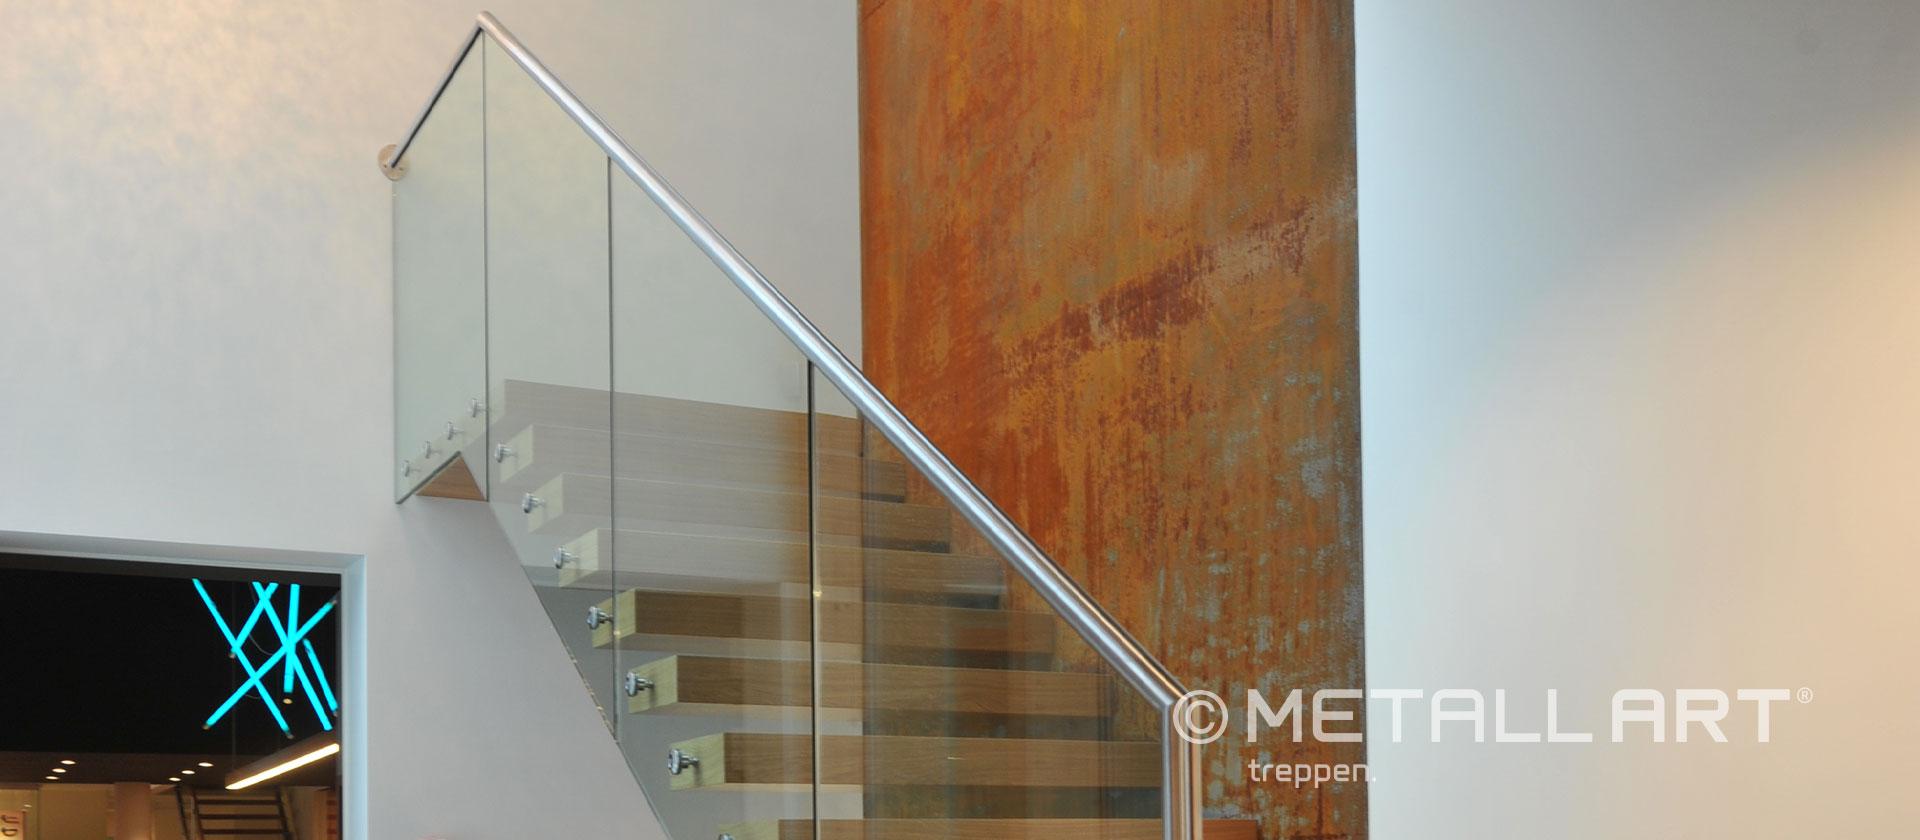 Treppe mit Metallhandlauf